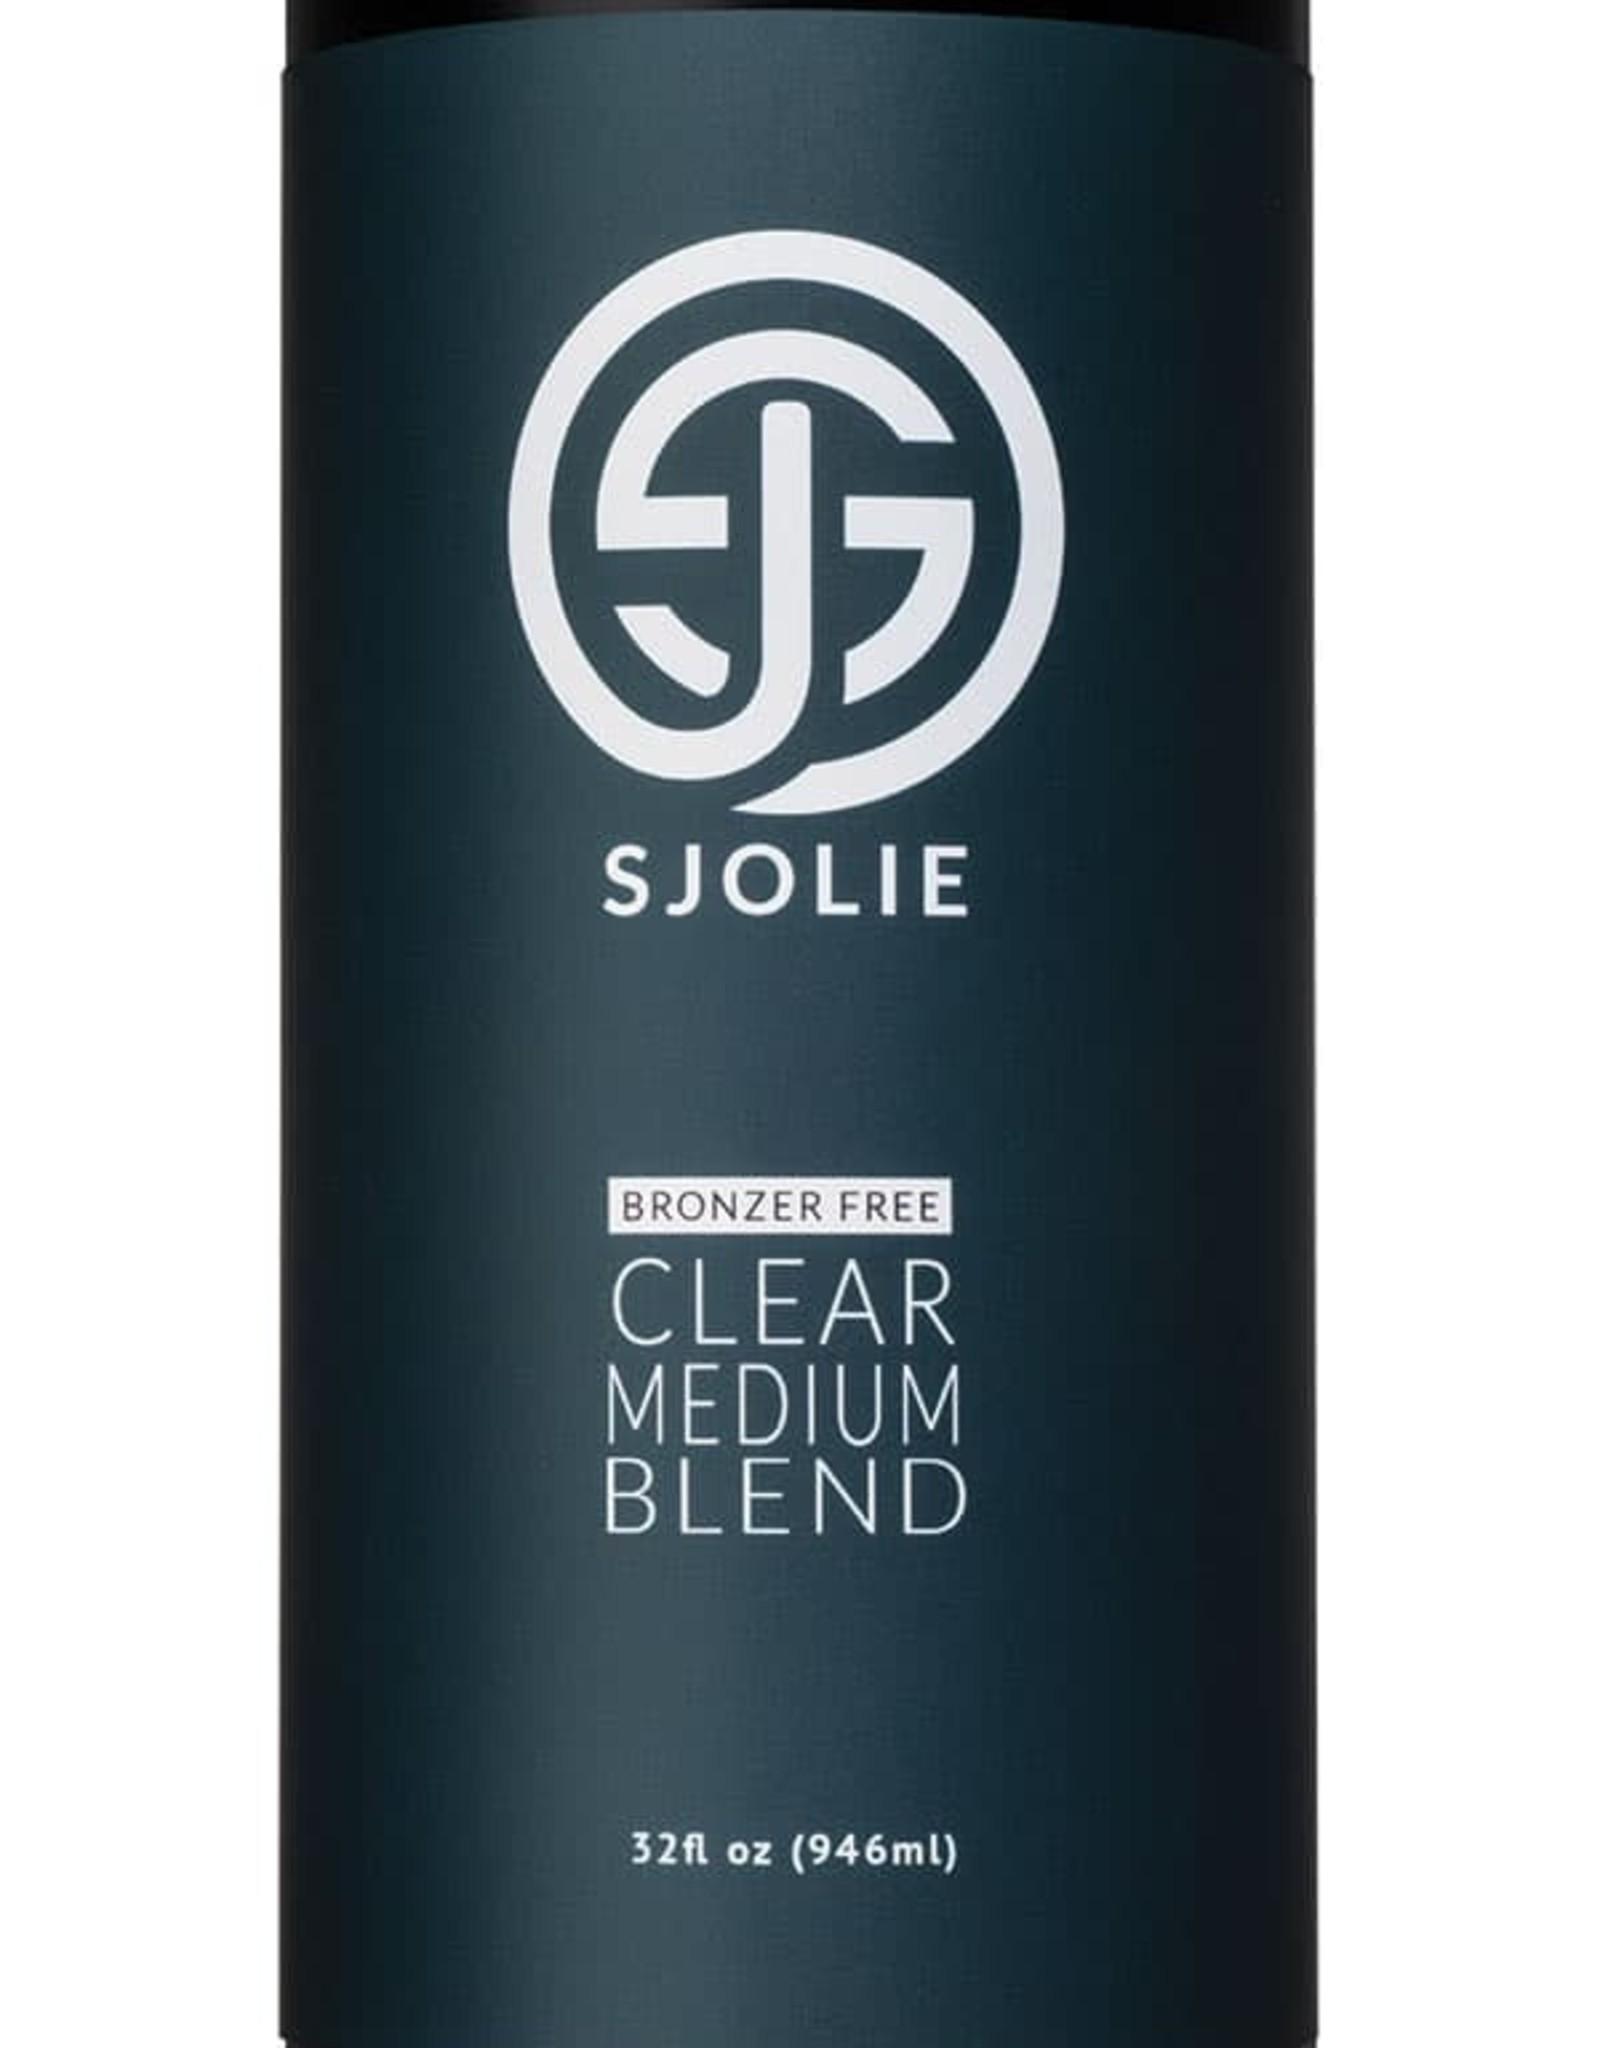 Sjolie Sjolie Medium CLEAR Spraytan vloeistof